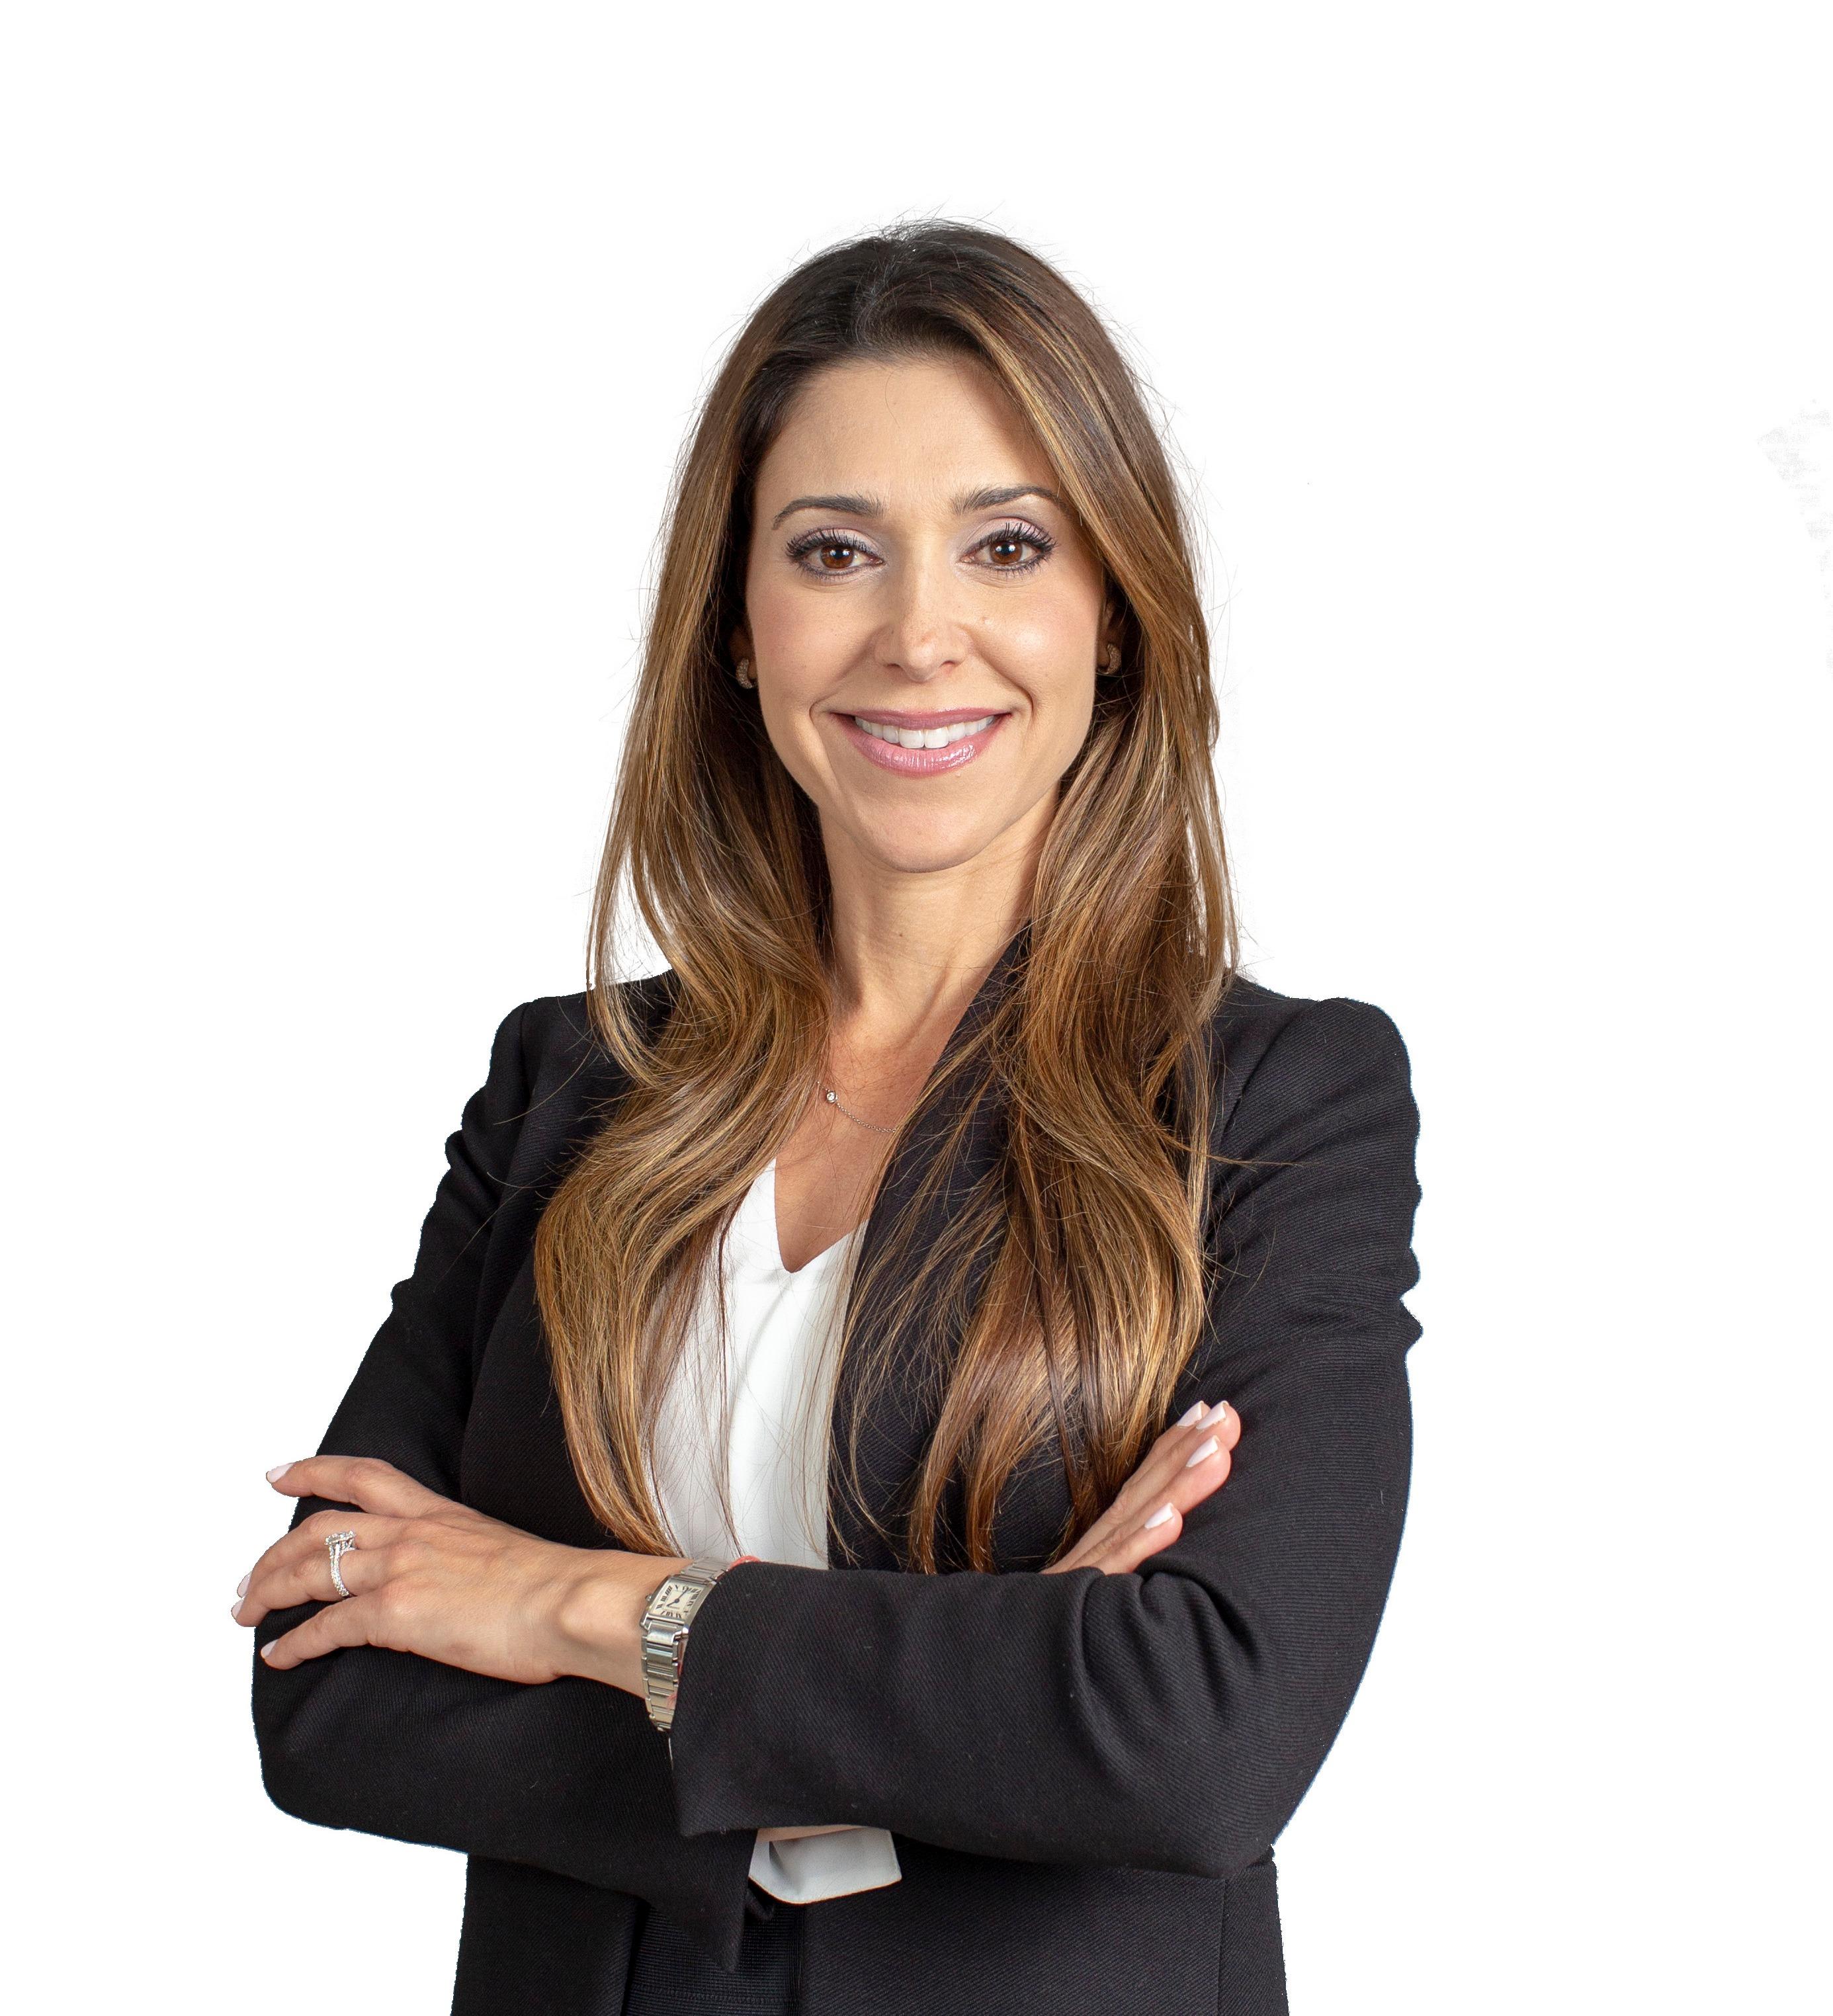 Jessica F. Anvar